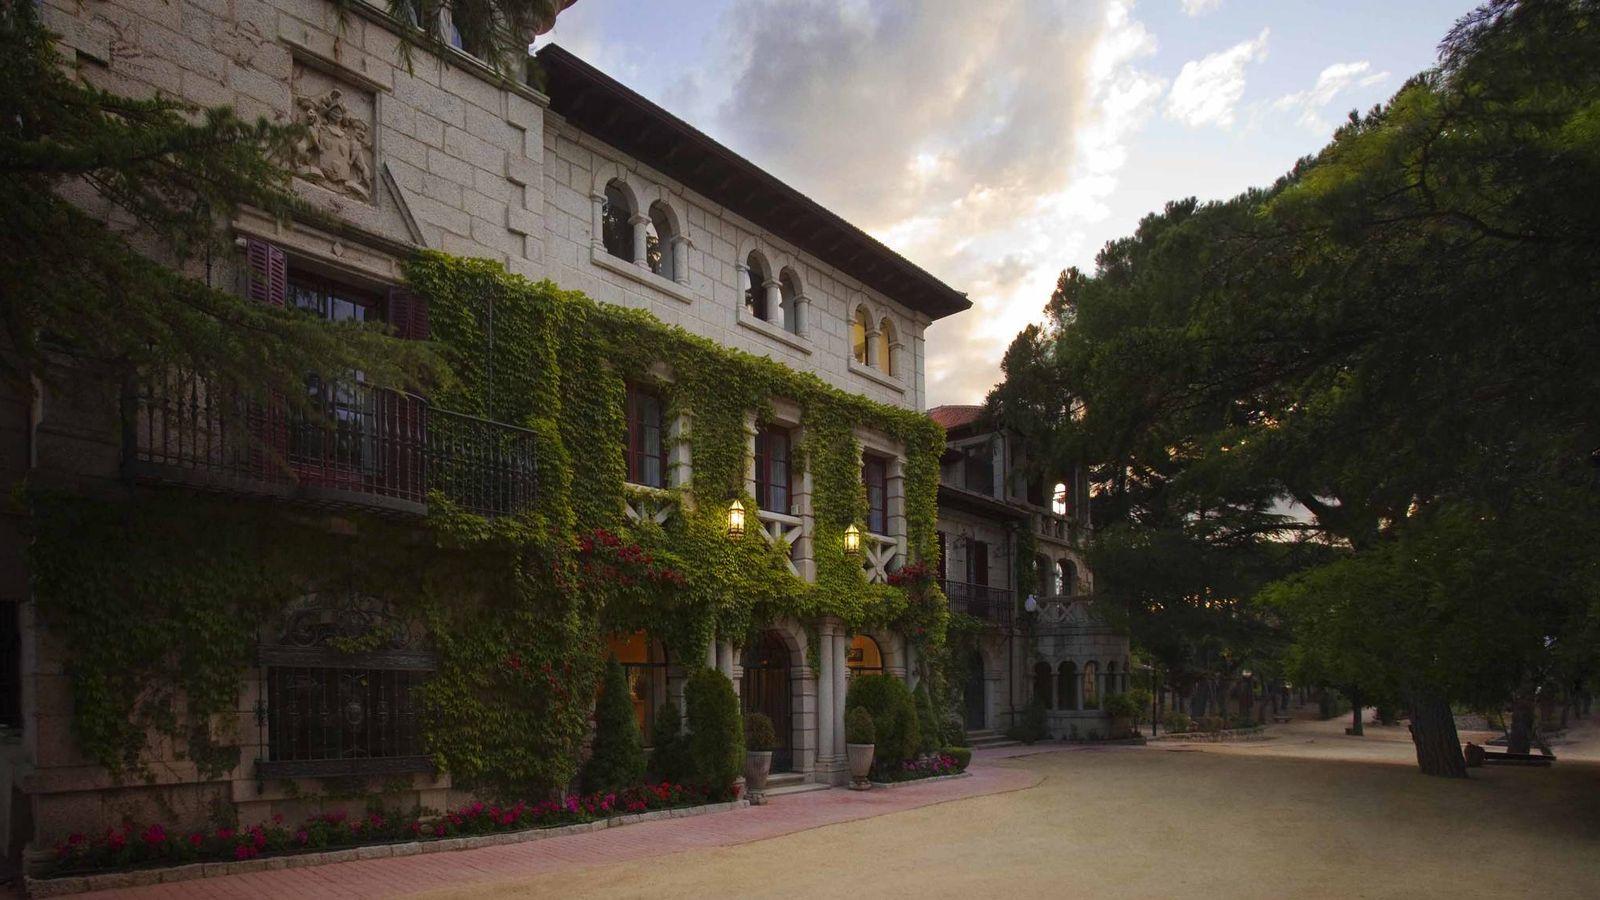 Foto: Uno de los edificios del campus de La Berzosa de la Universidad Antonio de Nebrija.